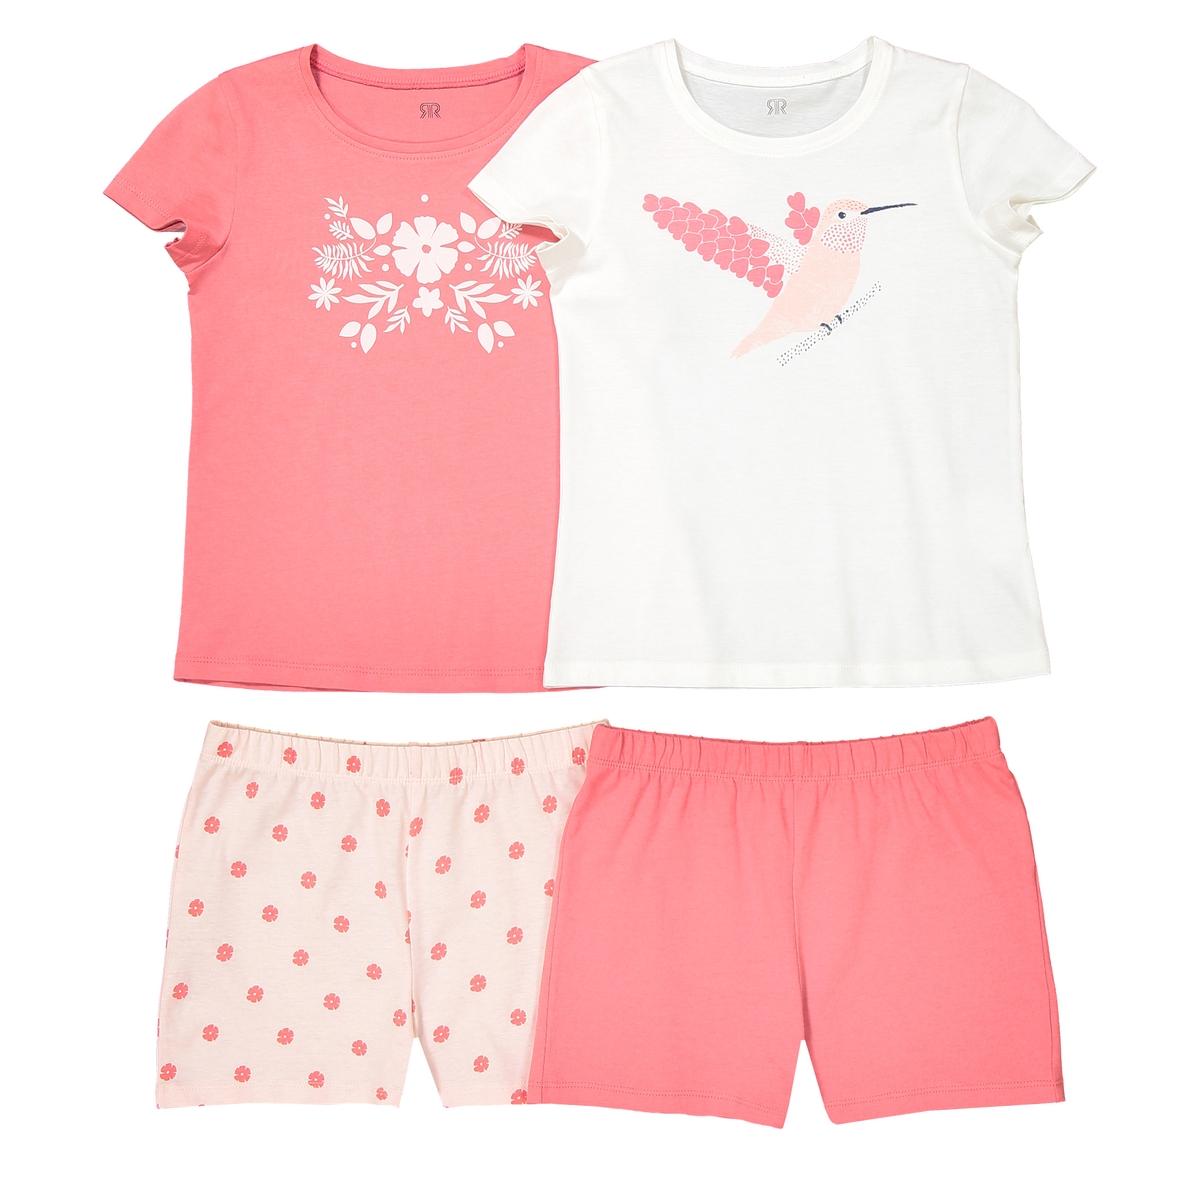 Pijama curto em algodão, 2-12 anos (lote de 2)